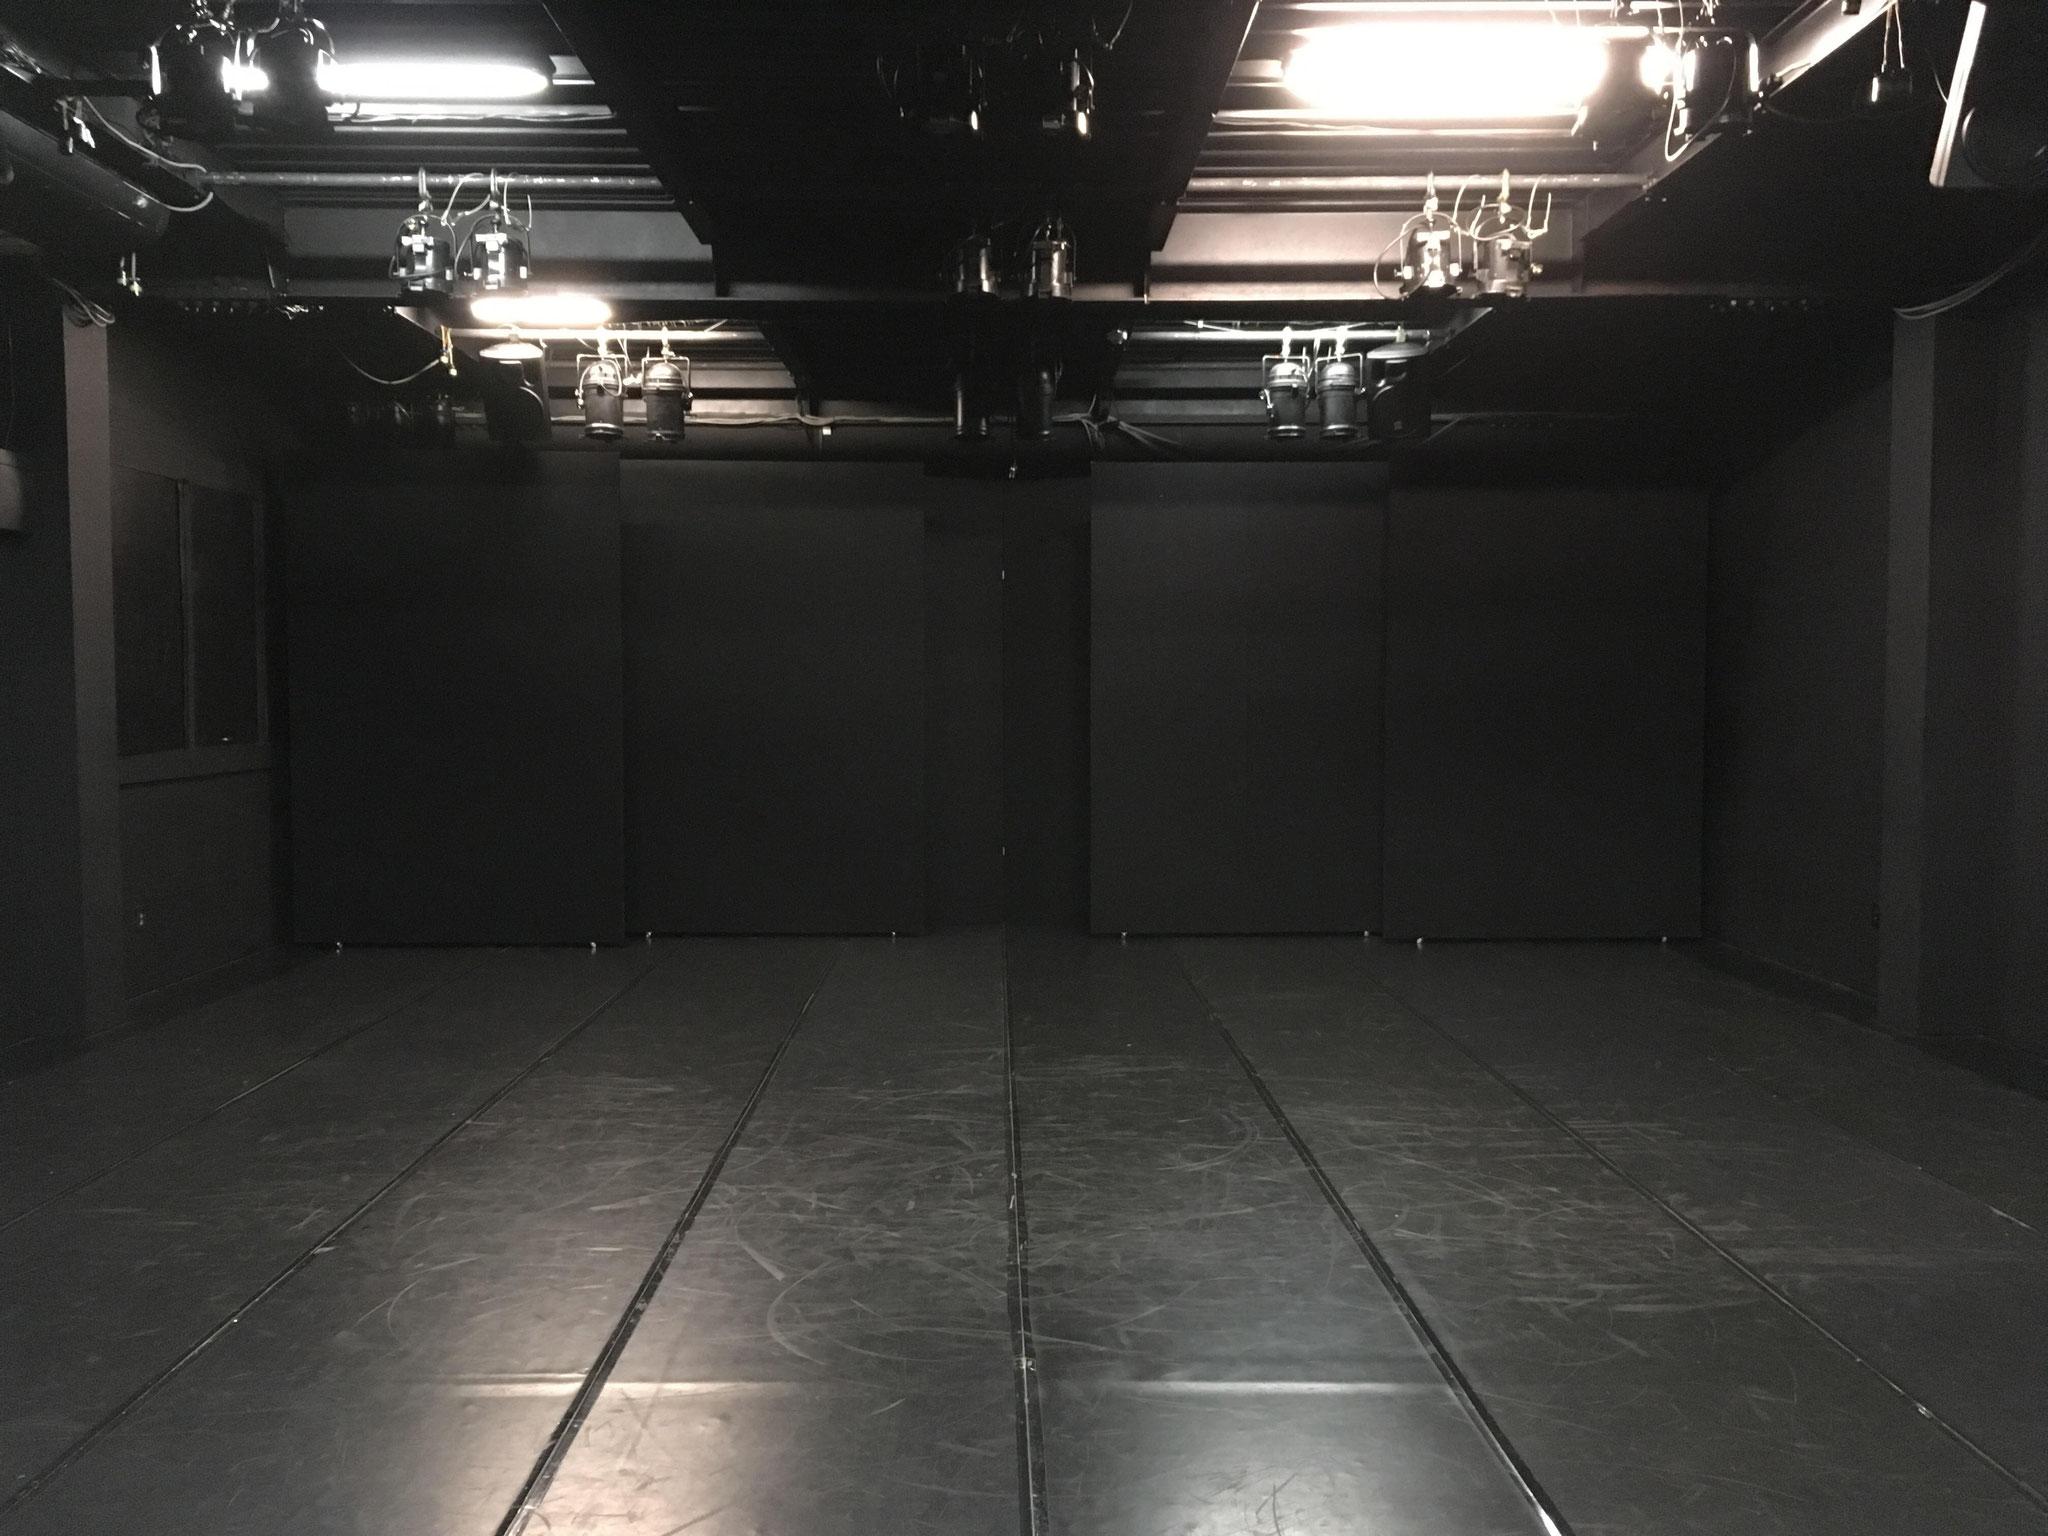 劇場スペース(床面リノリウム)/Theater space